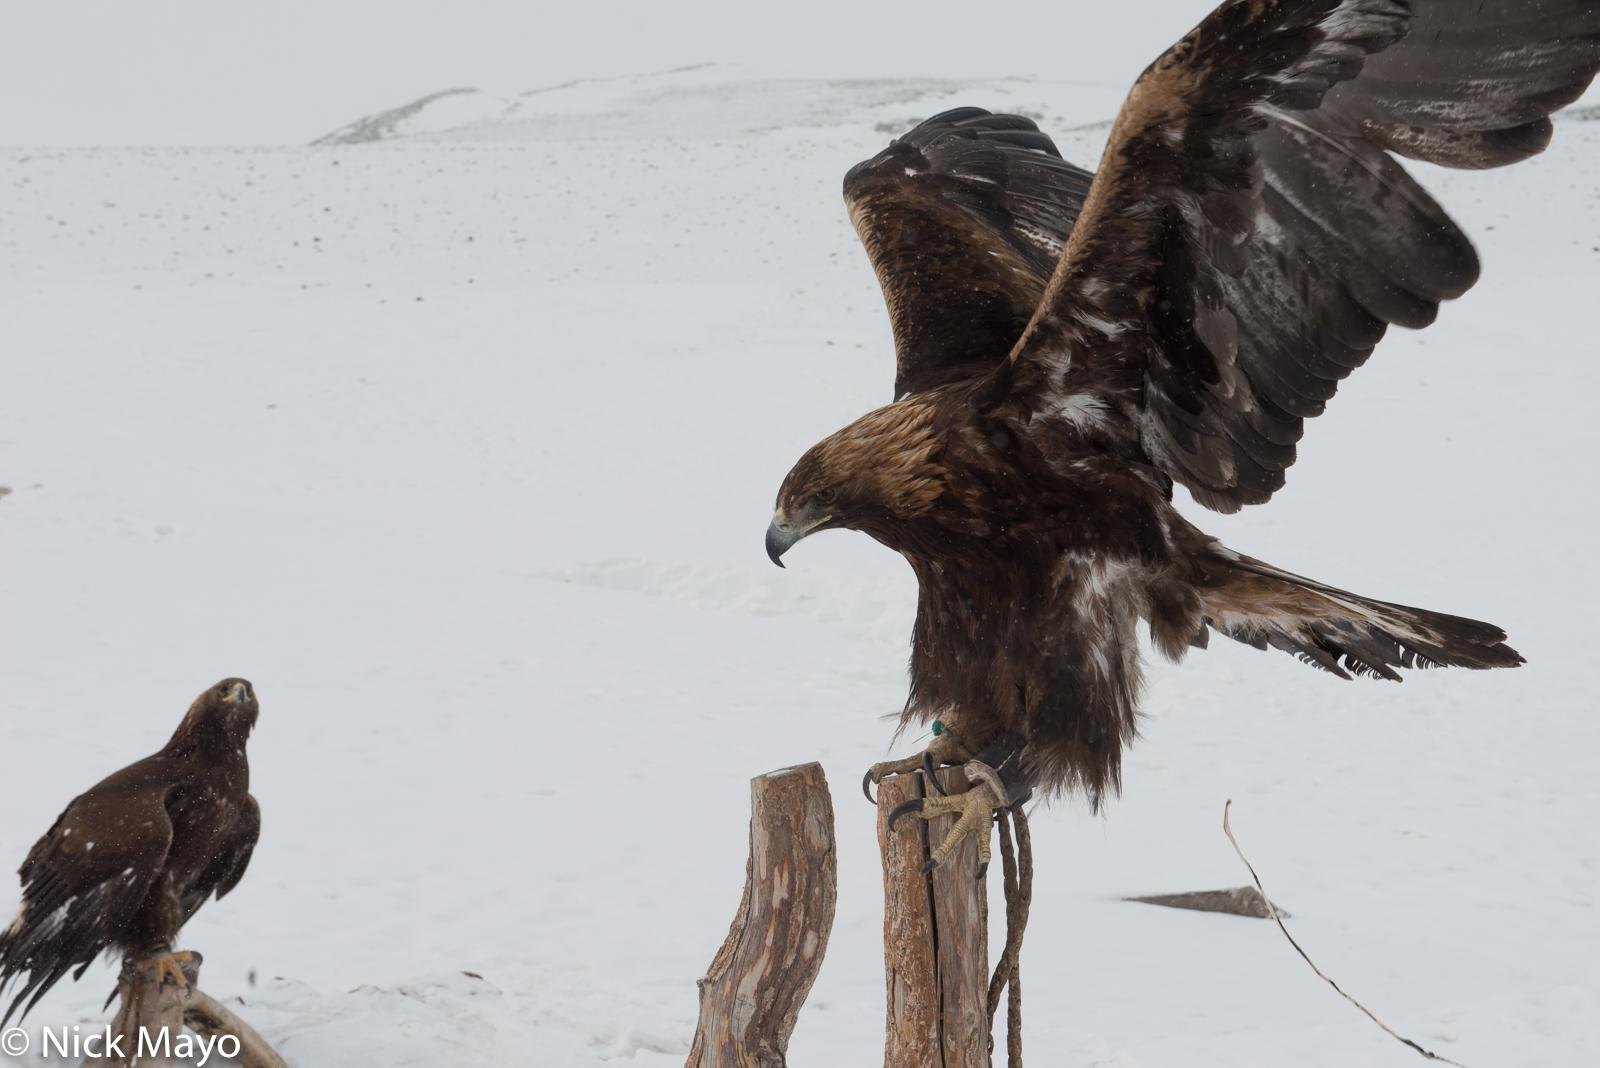 Bayan-Ölgii, Eagle, Mongolia, photo